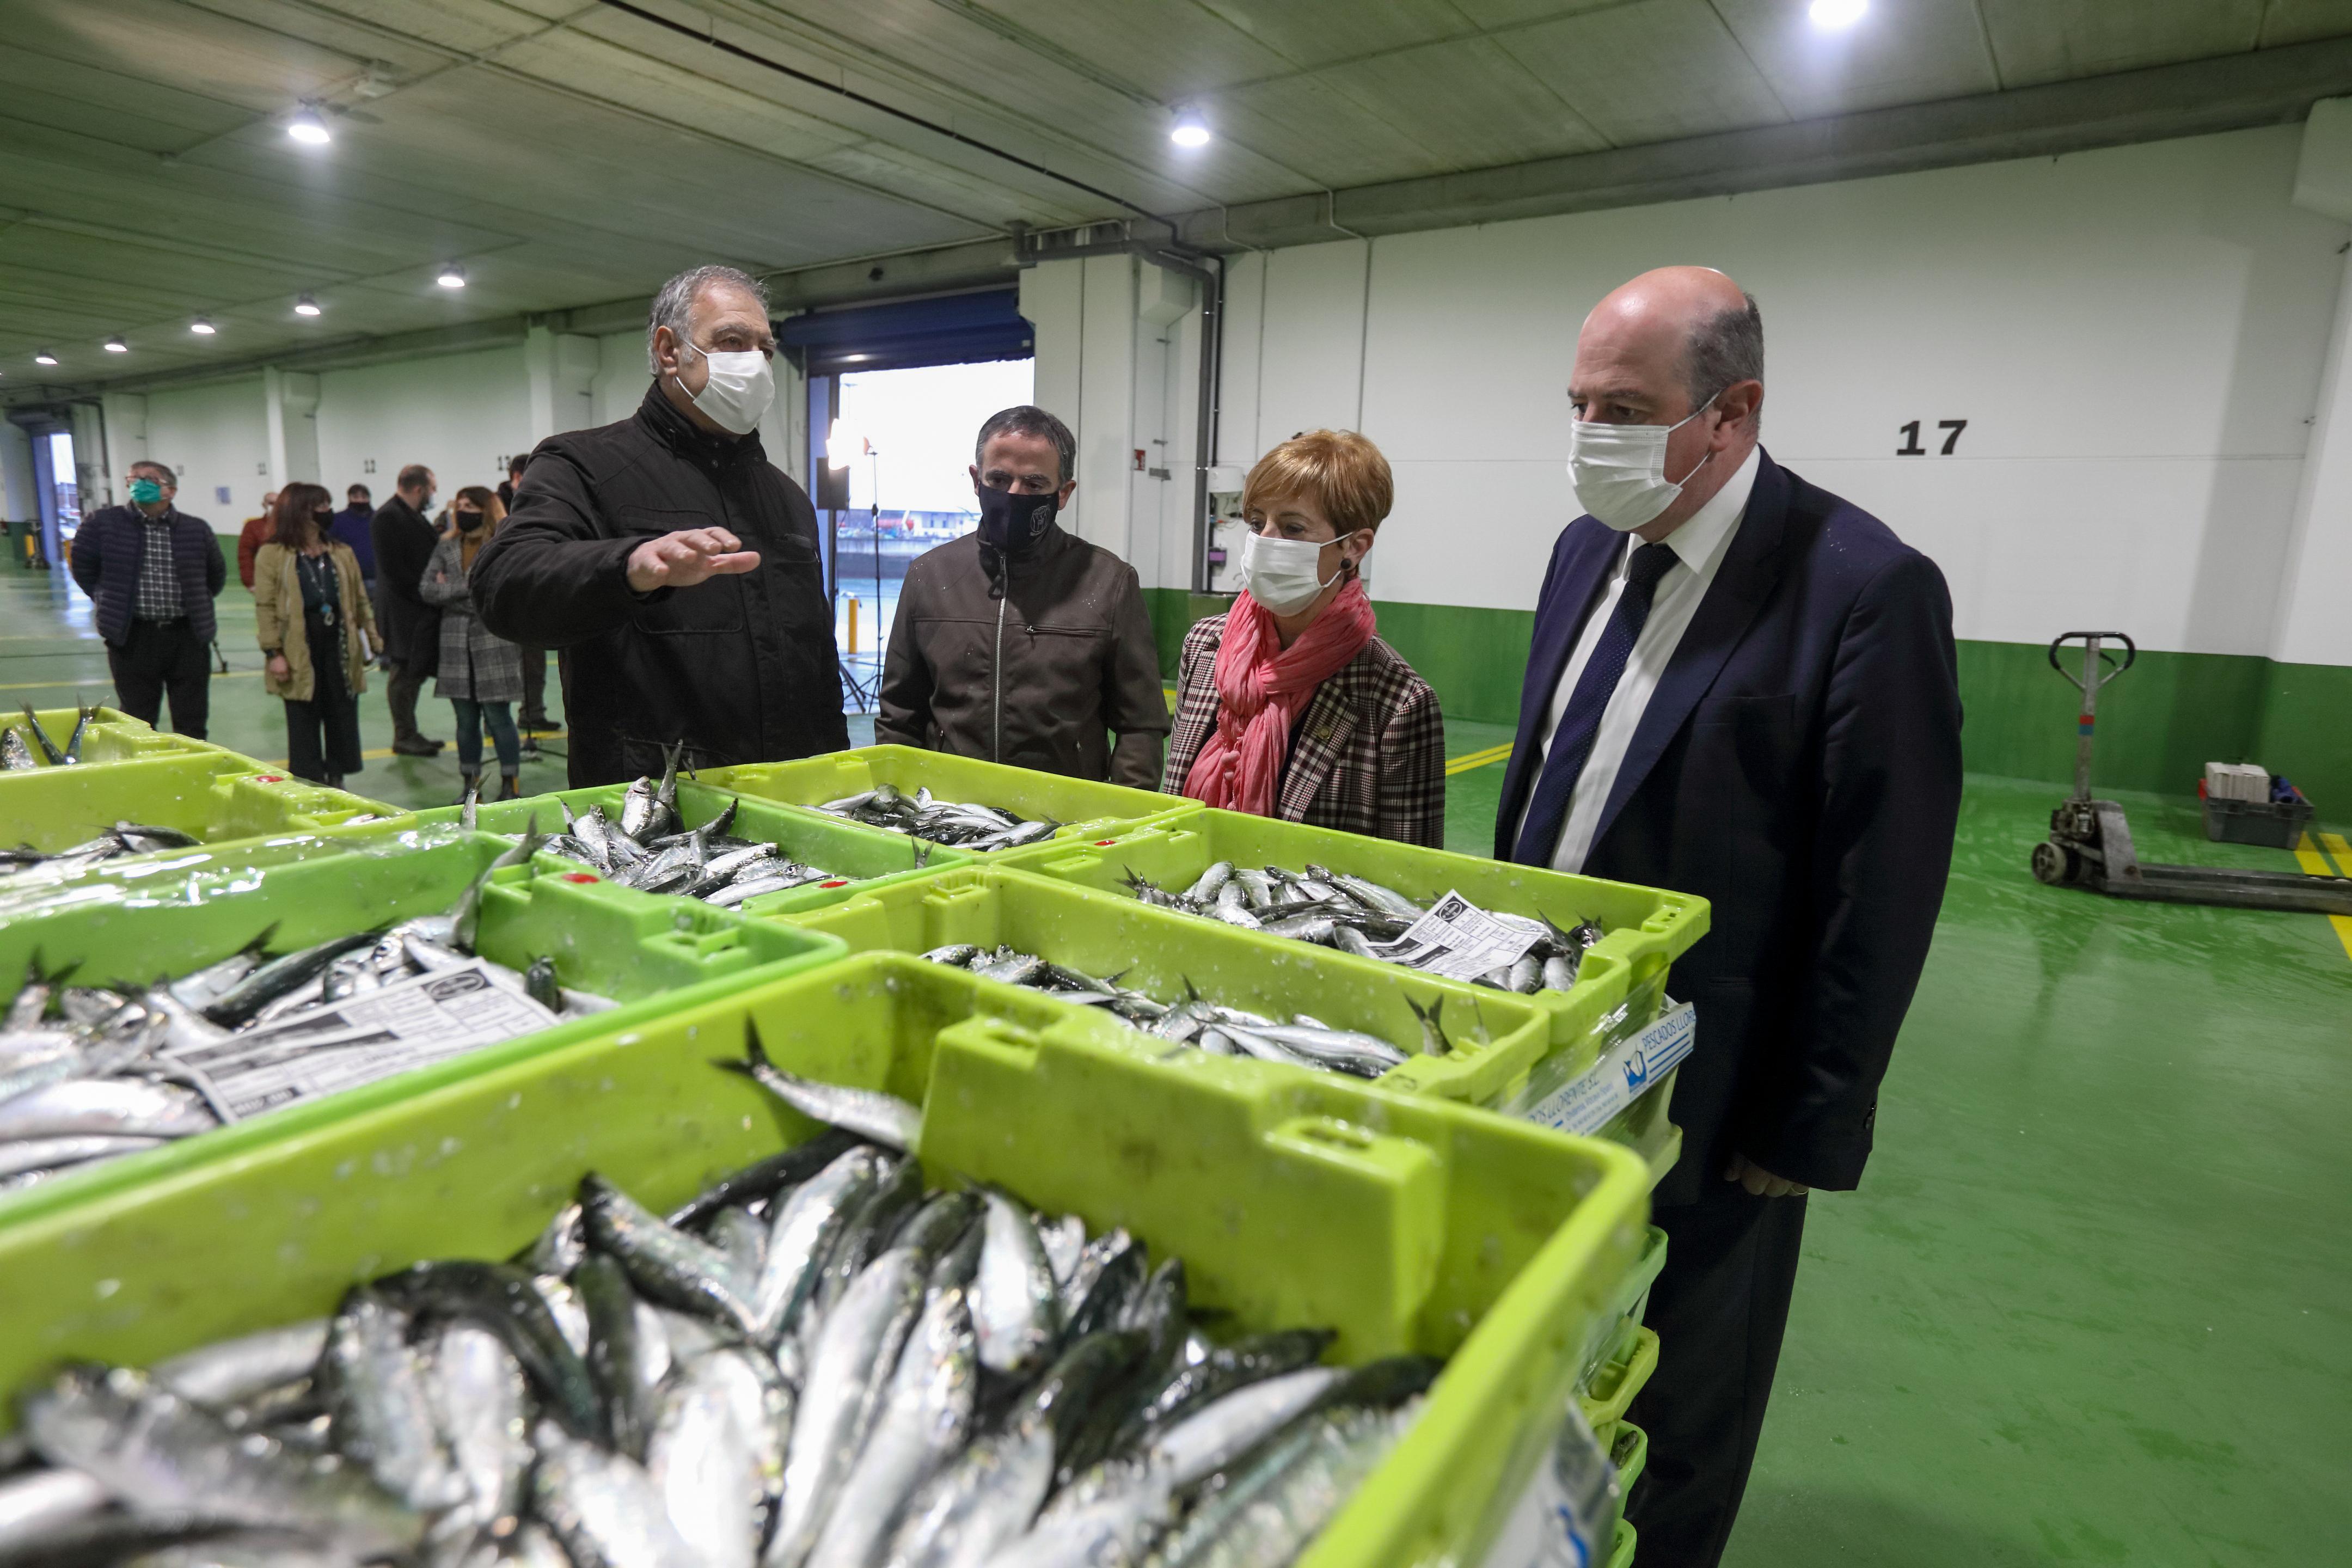 La nueva Lonja del puerto de Ondarroa empieza ya a dar servicio a arrantzales y comercializadoras  [7:51]